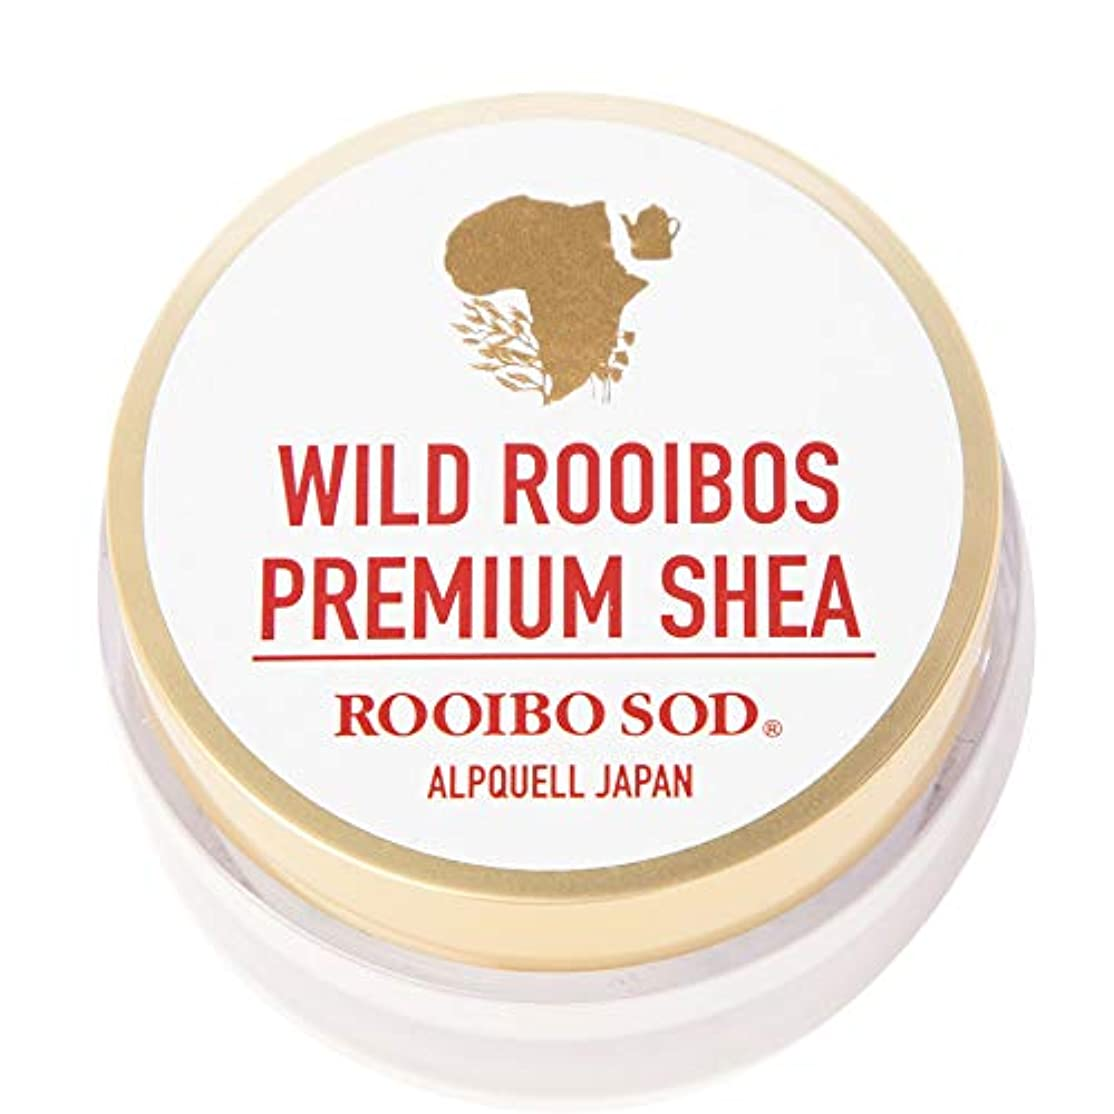 クリック原稿義務付けられたROOIBO SOD ルイボソード プレミアムシアクリーム シア脂 ルイボスエキス配合 無添加、天然成分100%